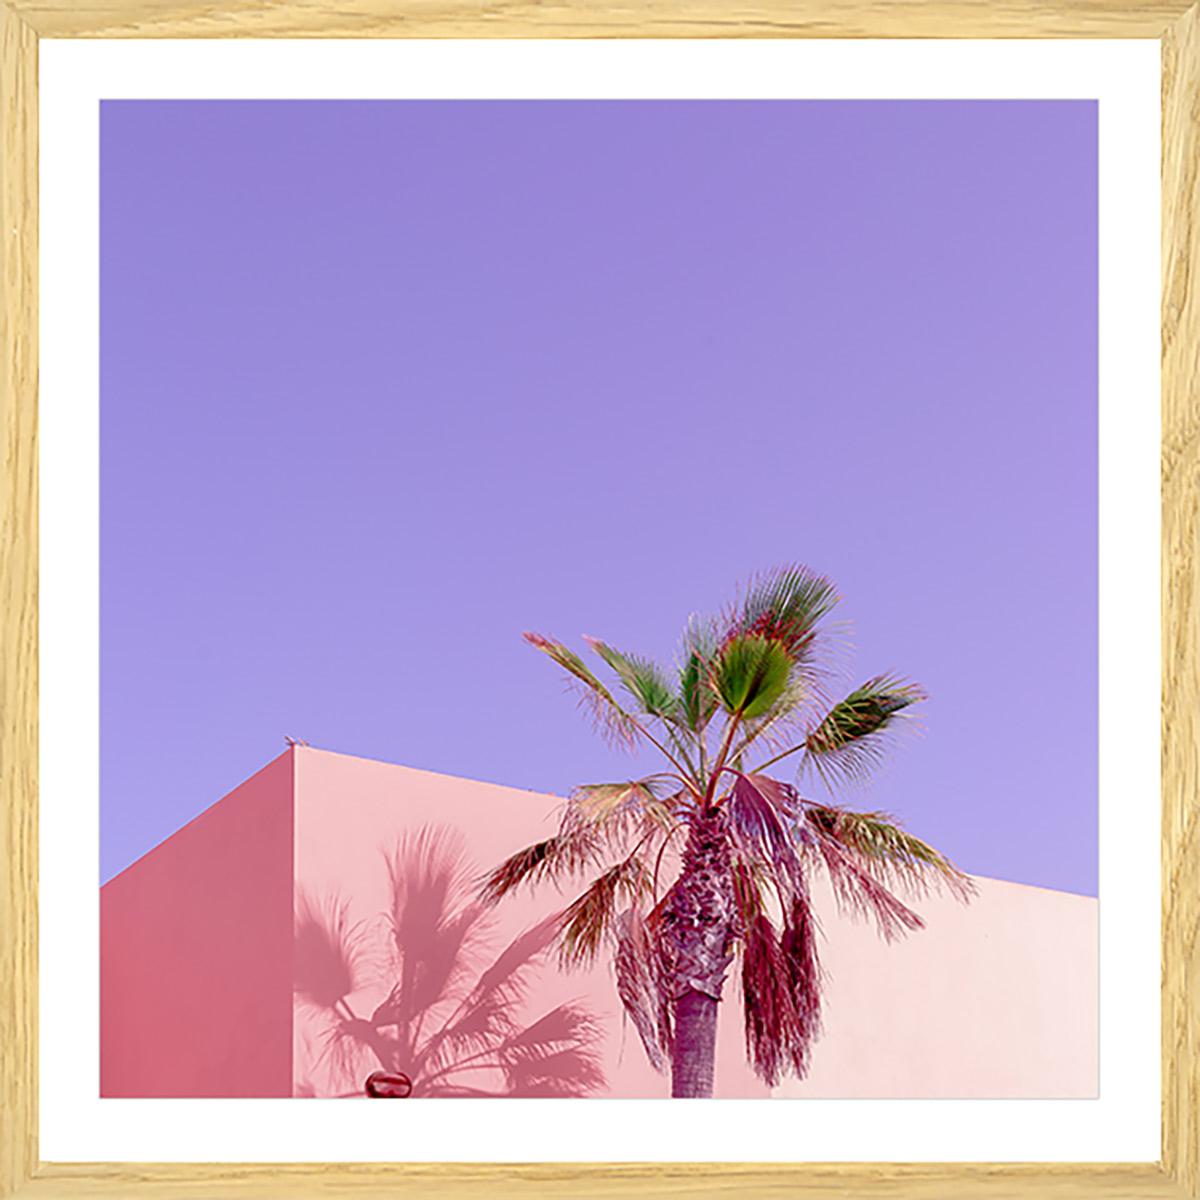 Affiche photo pink palma Affiche sous cadre bois